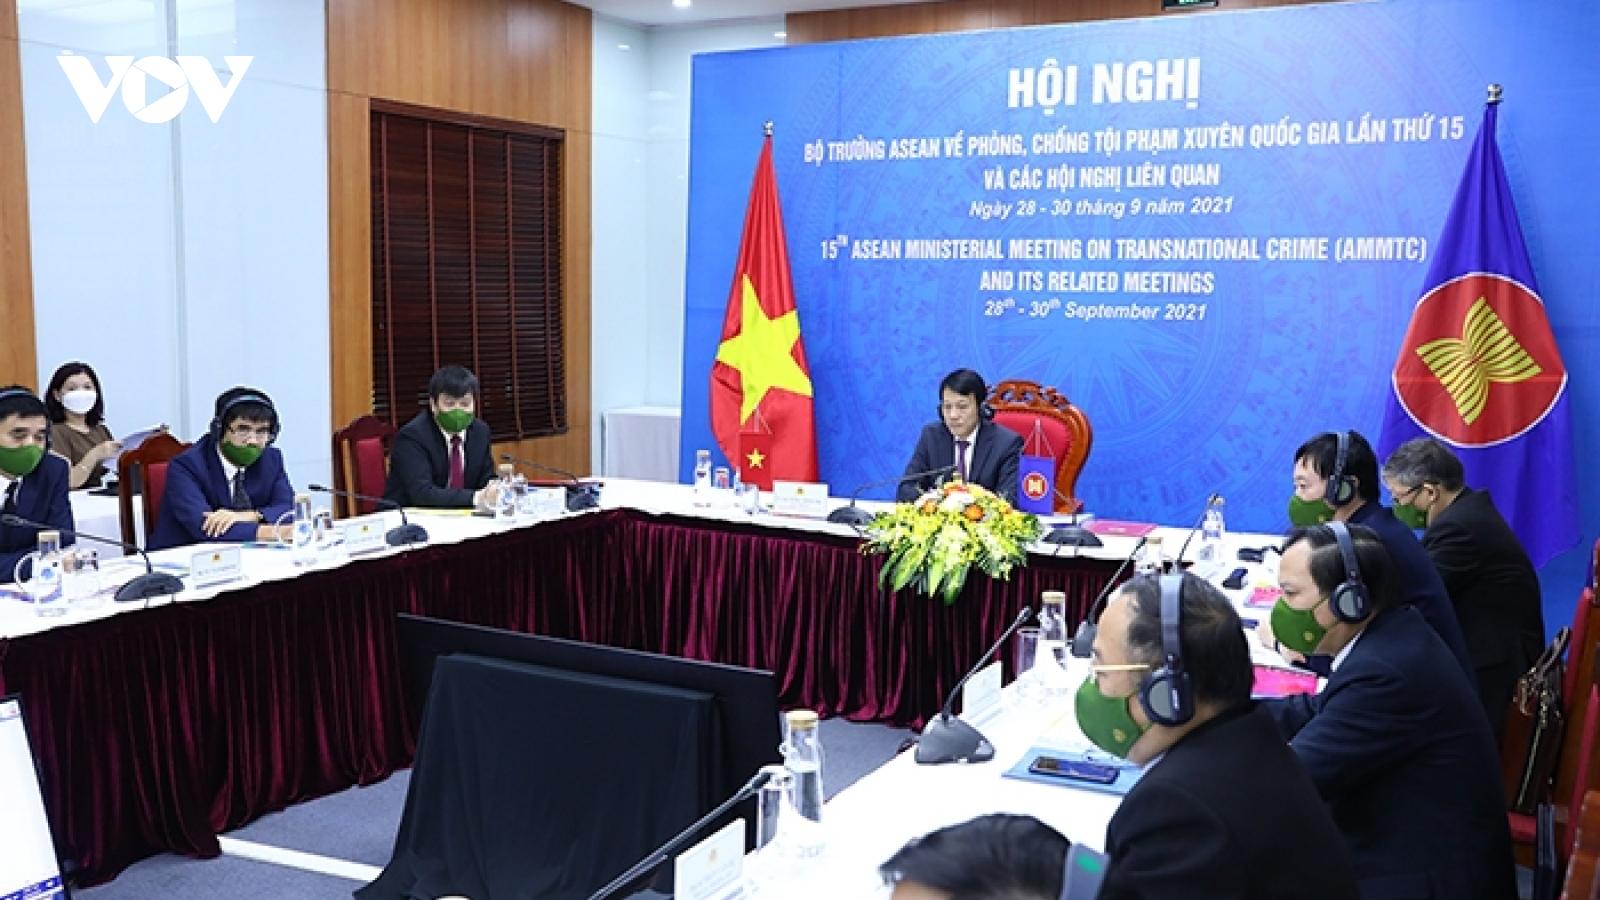 Bộ trưởng các nước ASEAN cam kết hợp tác phòng, chống tội phạm xuyên quốc gia hậu Covid-19